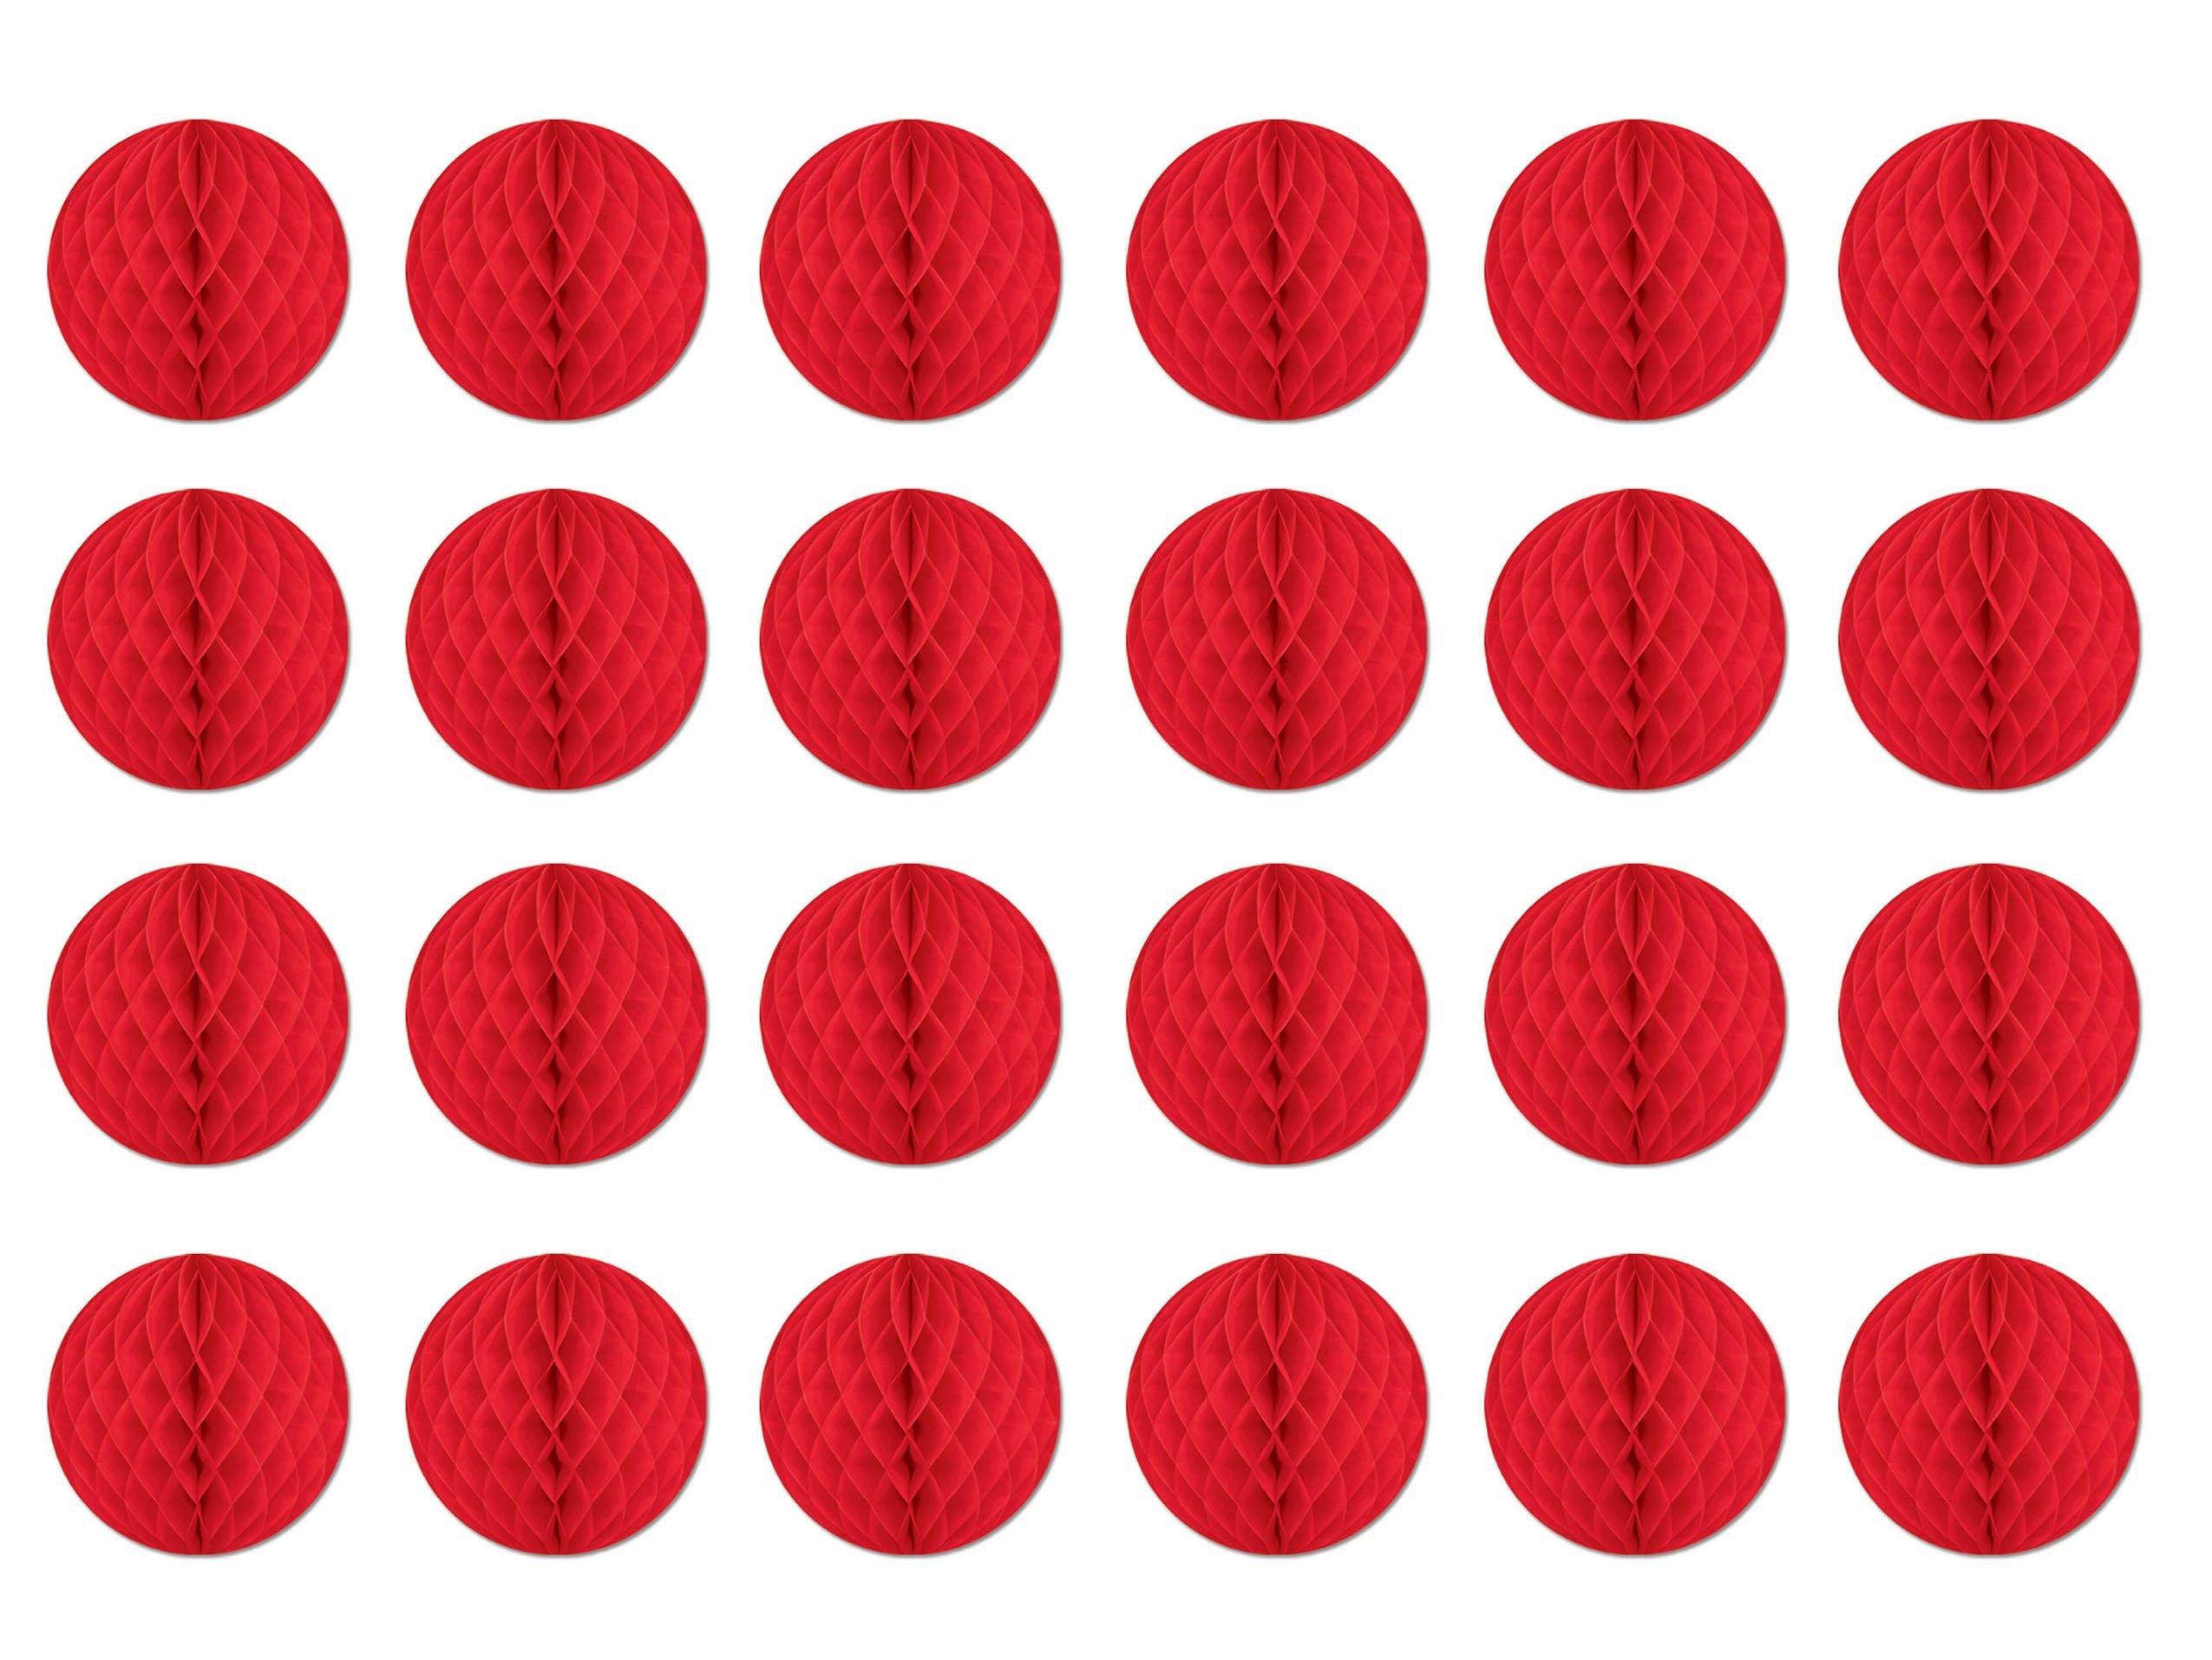 Beistle 55612-R 24-Piece Tissue Balls, 12-Inch